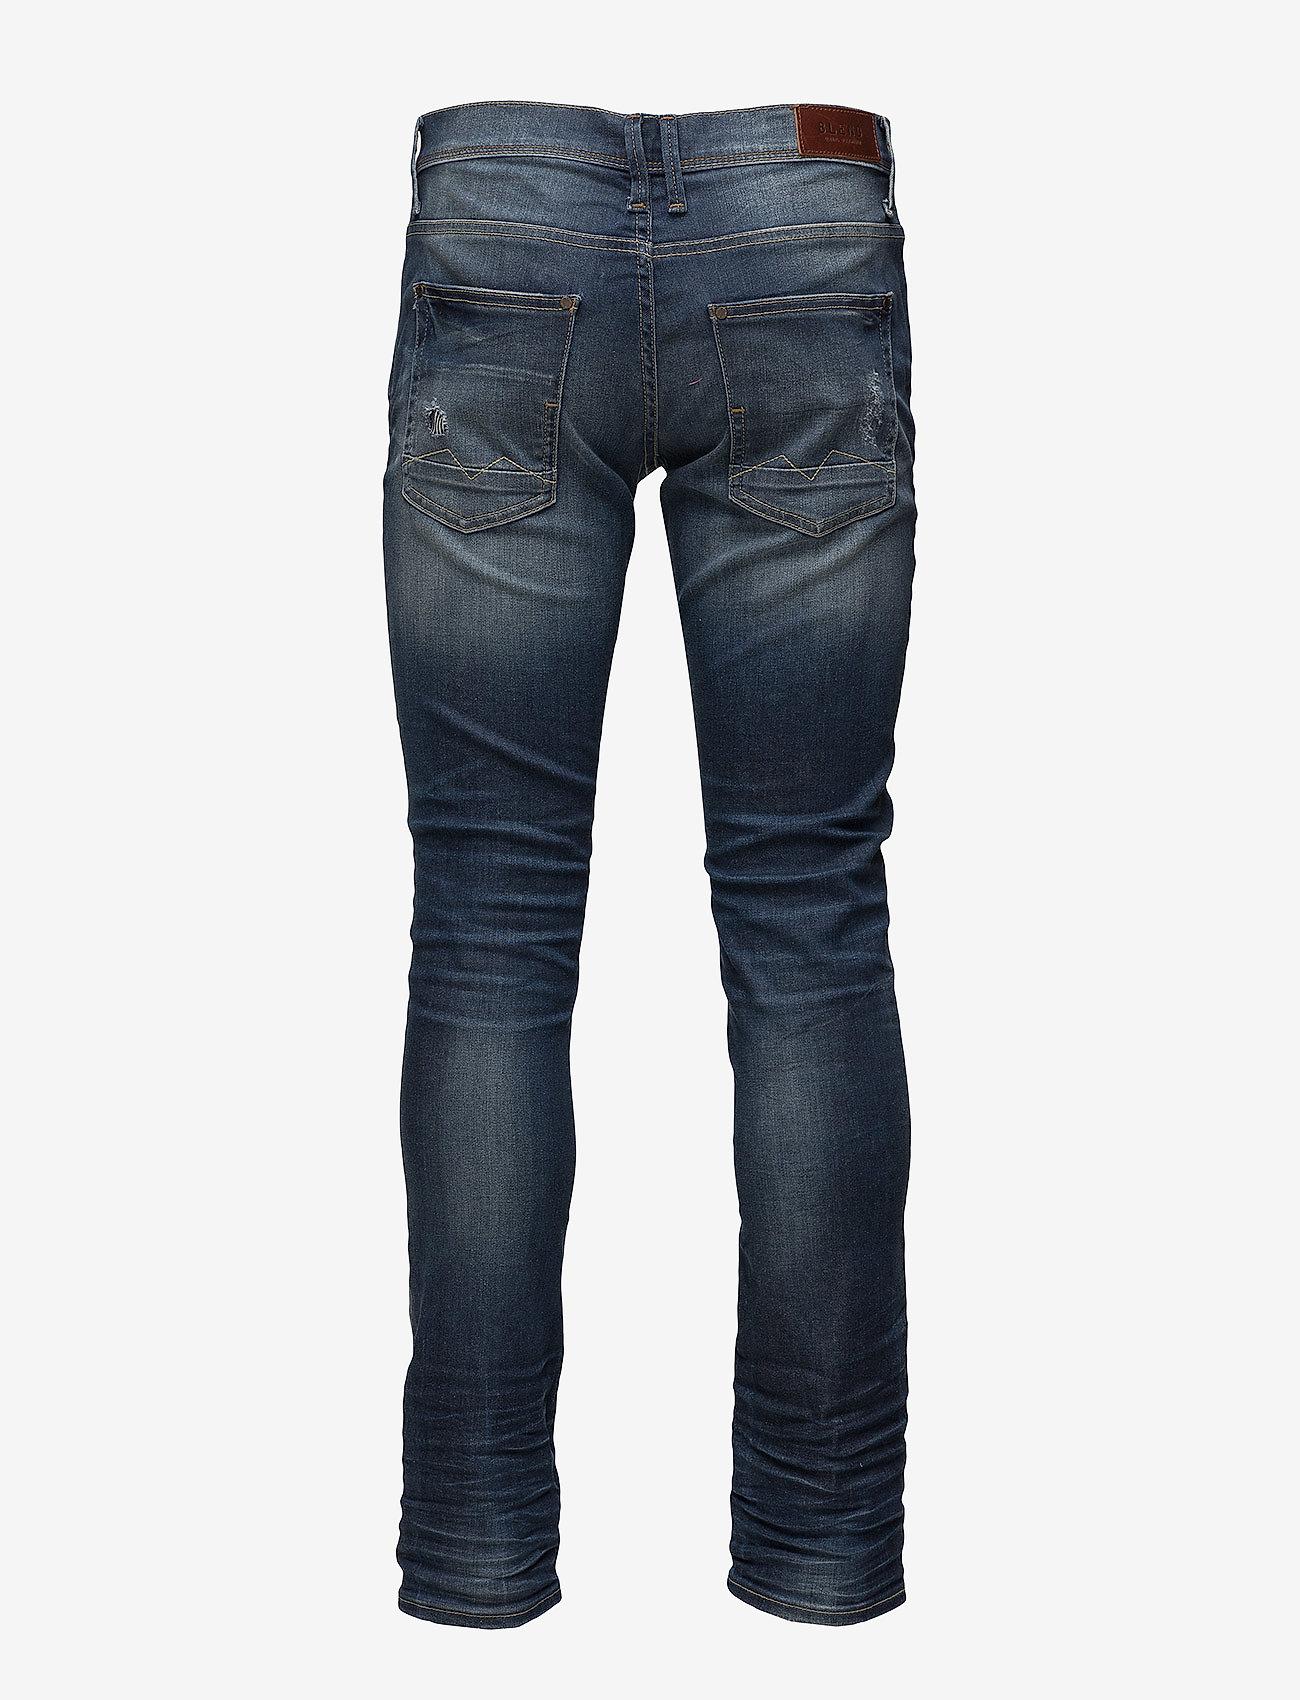 Blend - Jeans - slim jeans - denim middle blue